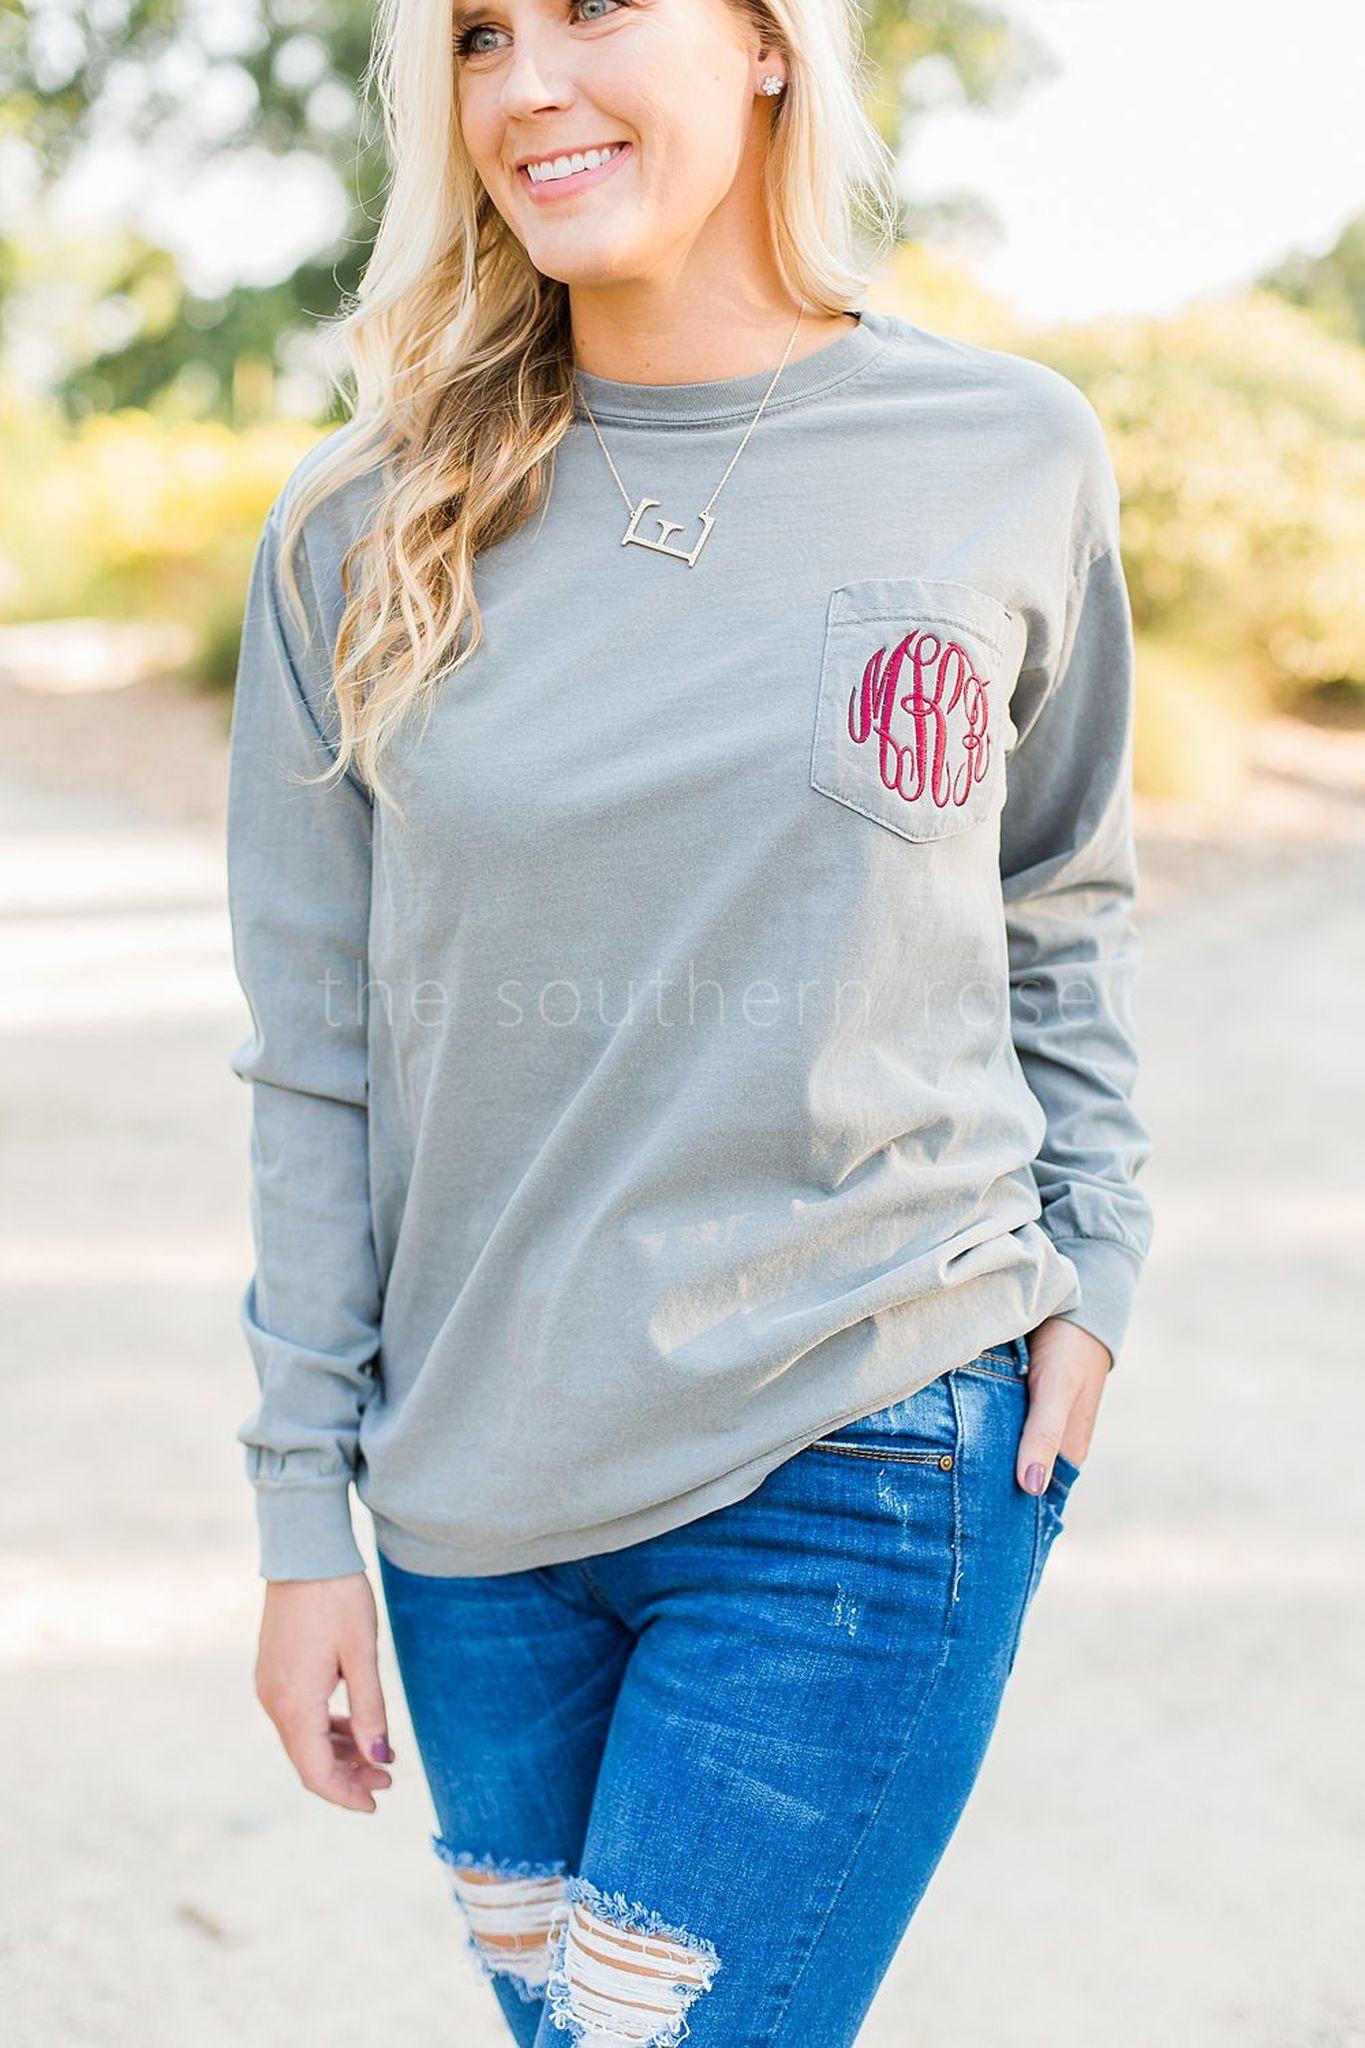 أفكار لتنسيق اللون الرمادي في الملابس - سويت شيرت رمادي مع جينز